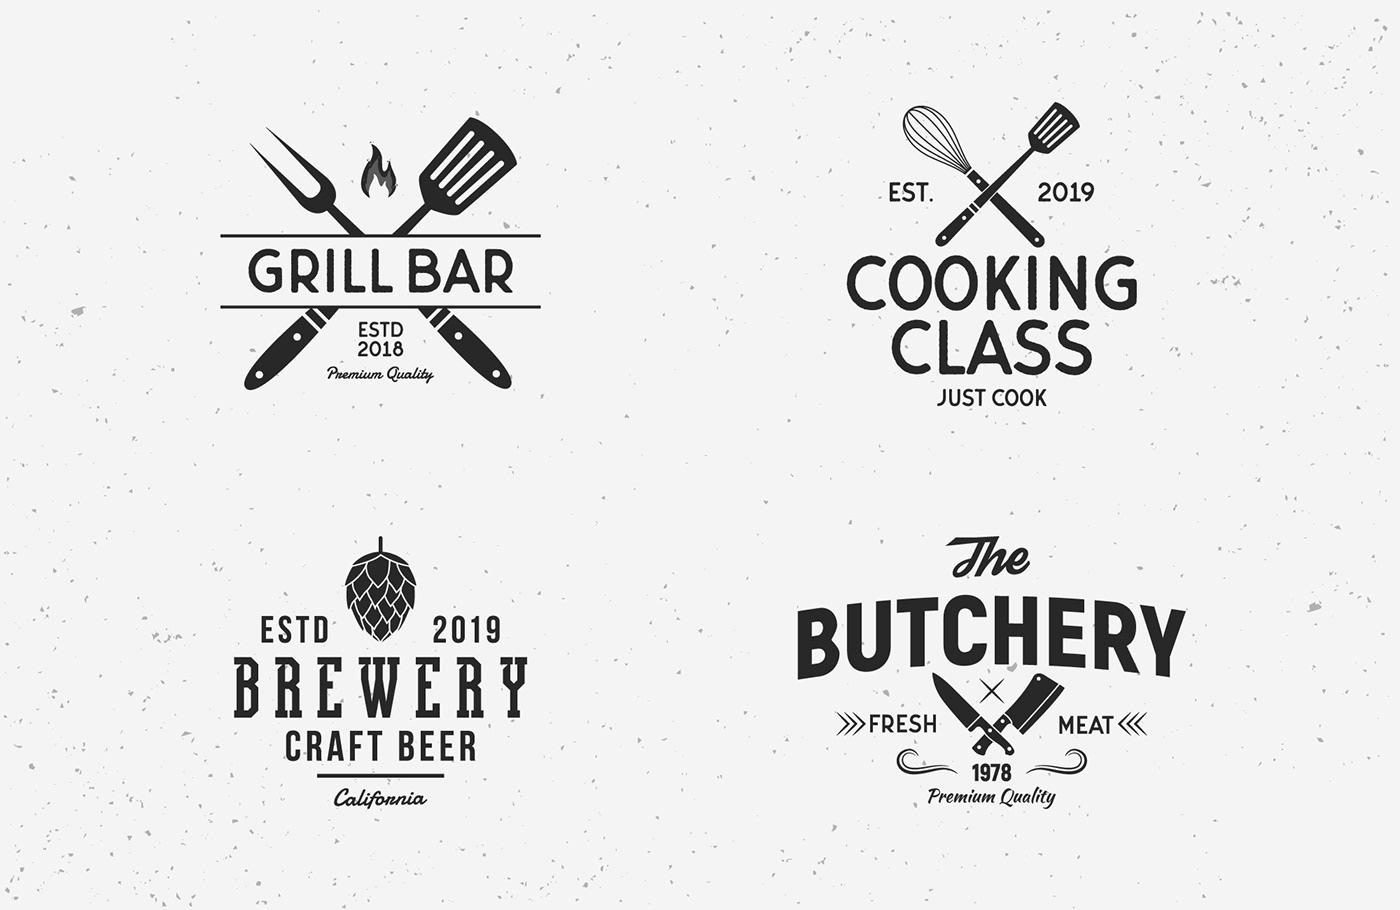 free vintage logo Food  restaurant set Retro commercial use design